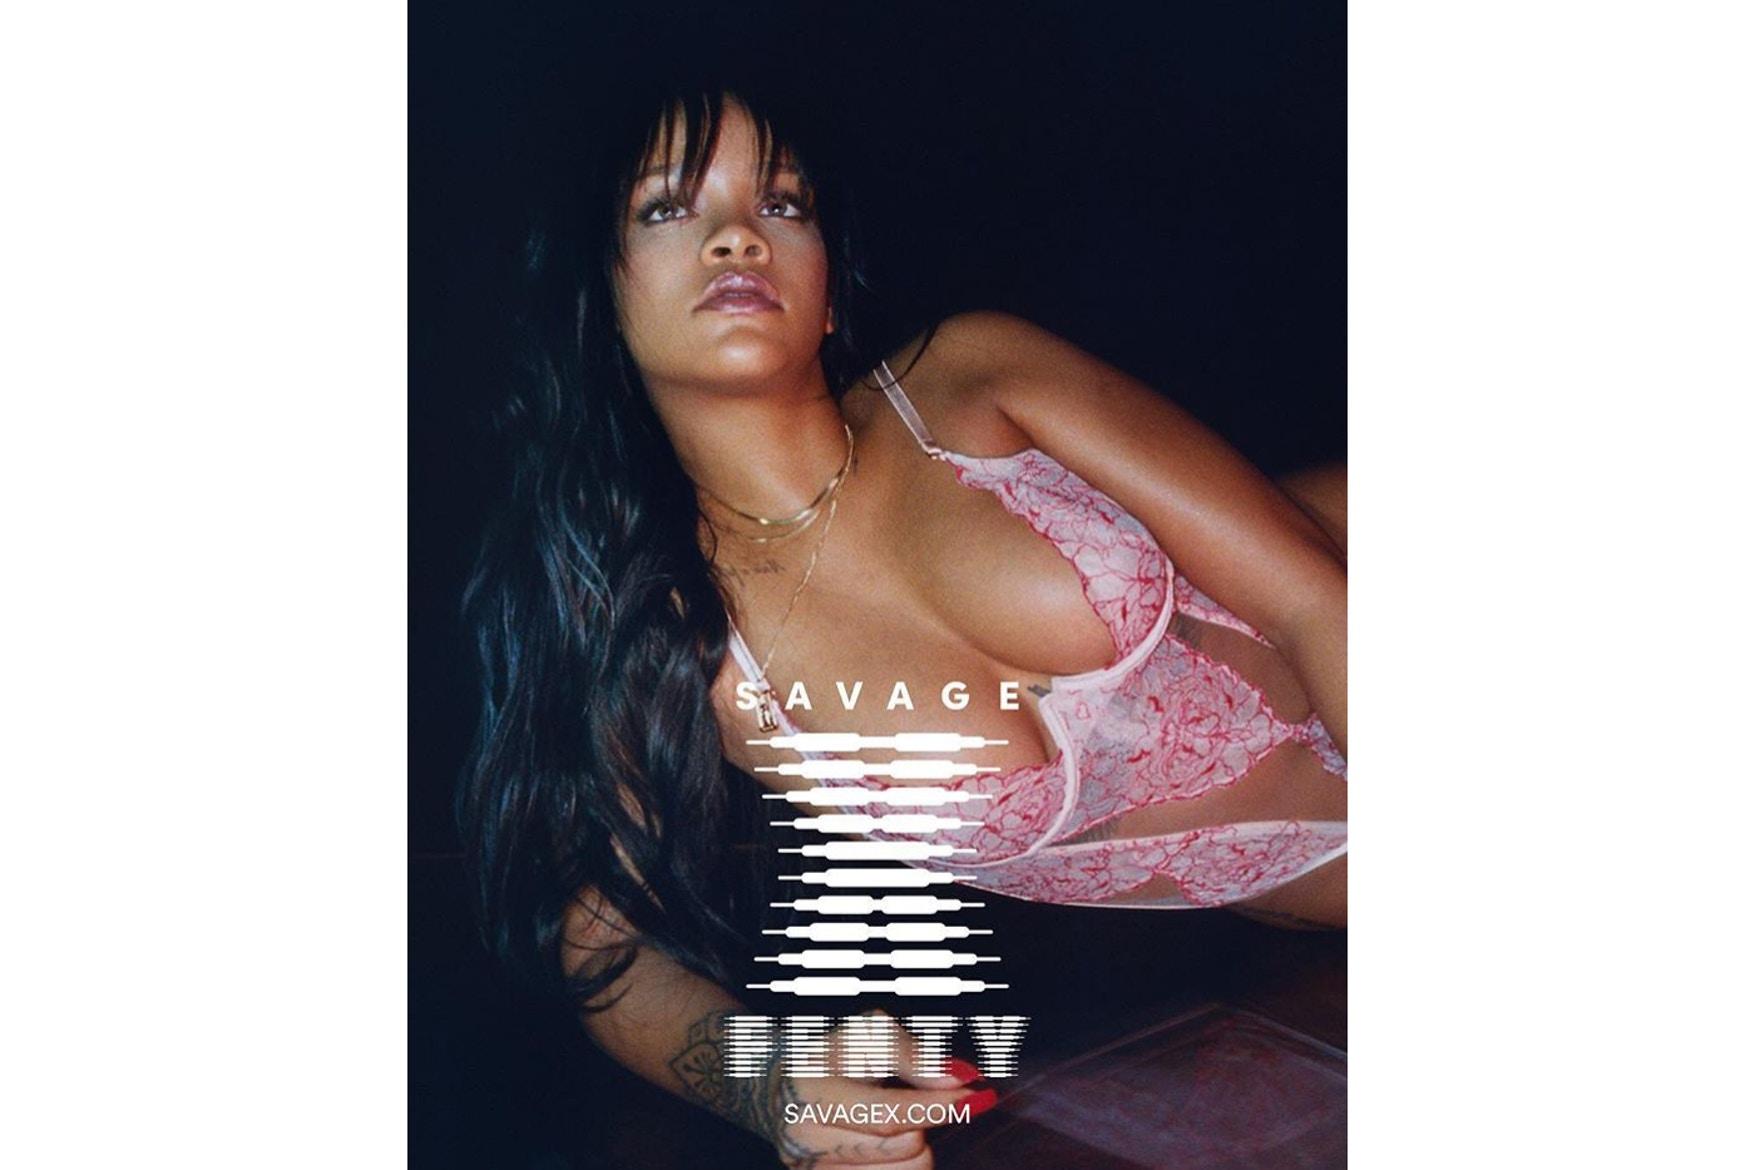 SavagexFenty, la nueva línea de lencería de Rihanna